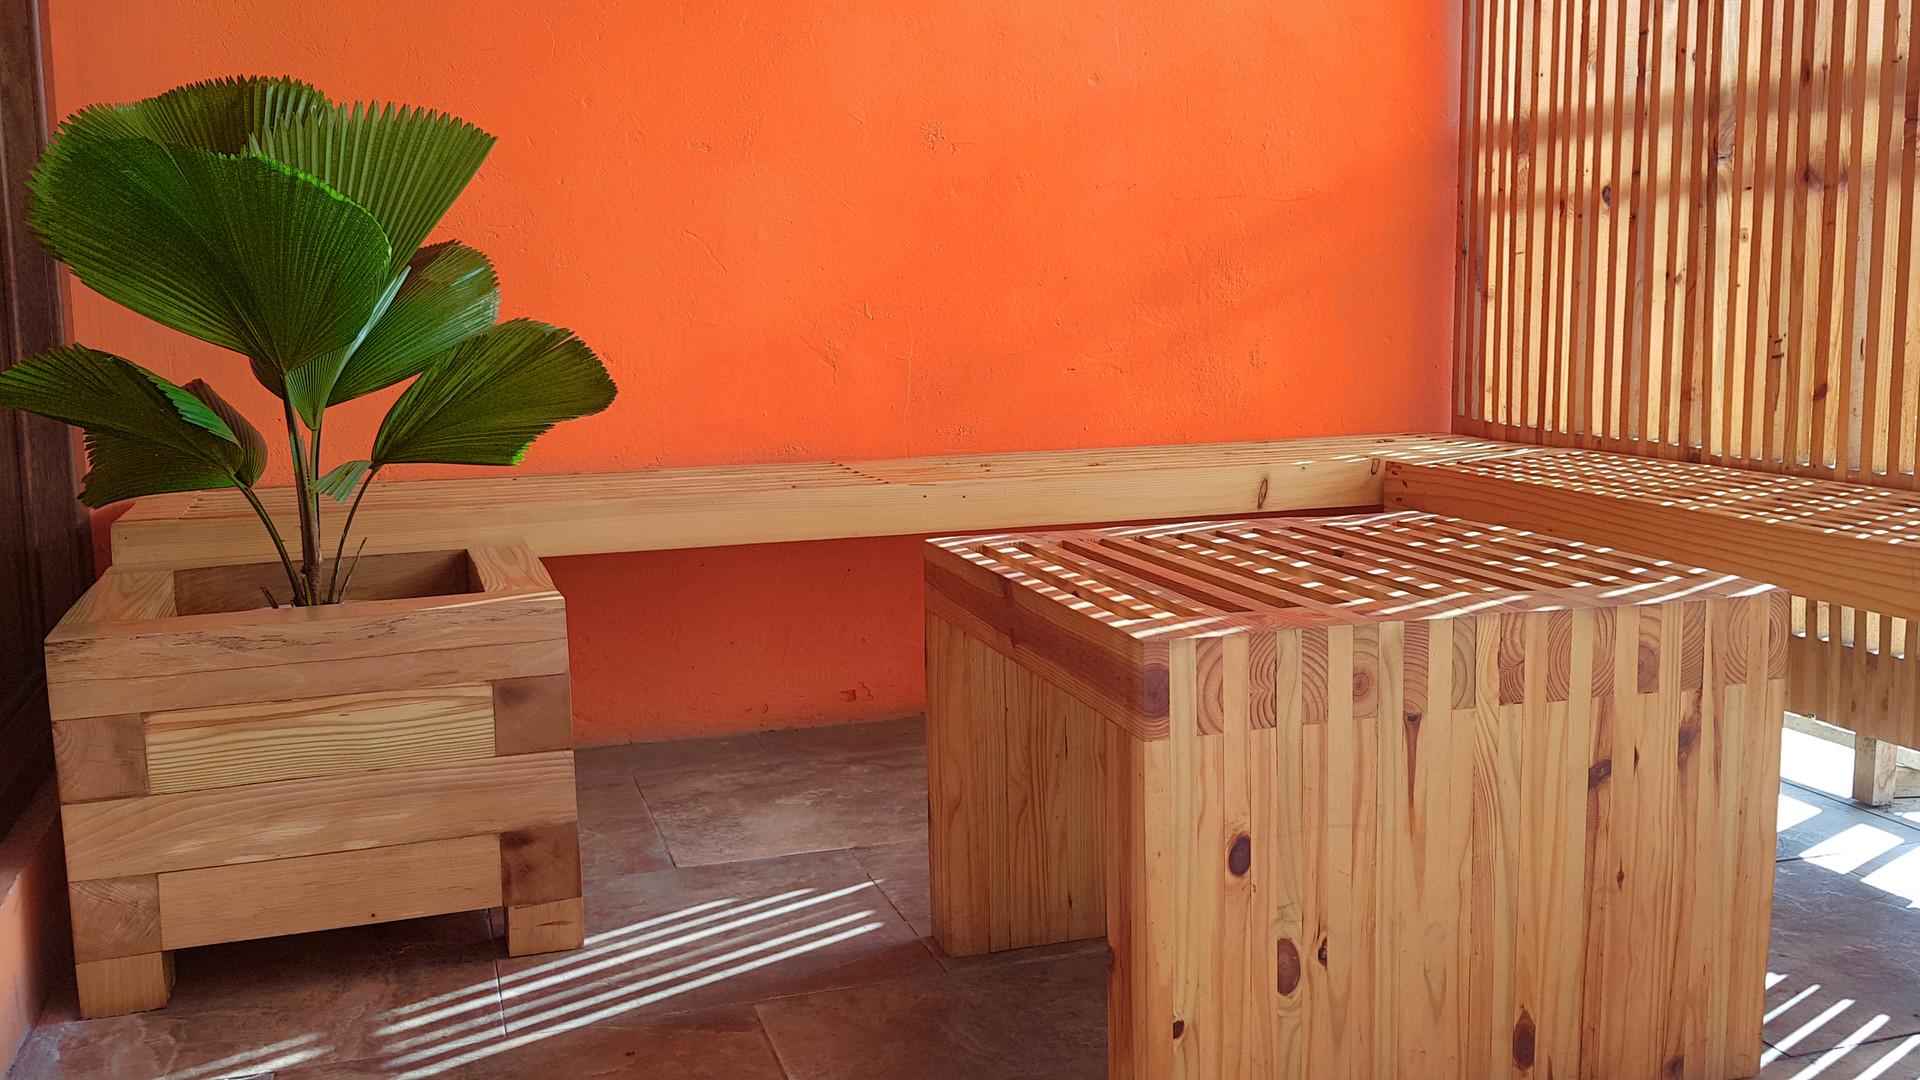 PLANTER, BENCH, TABLE, SCREEN